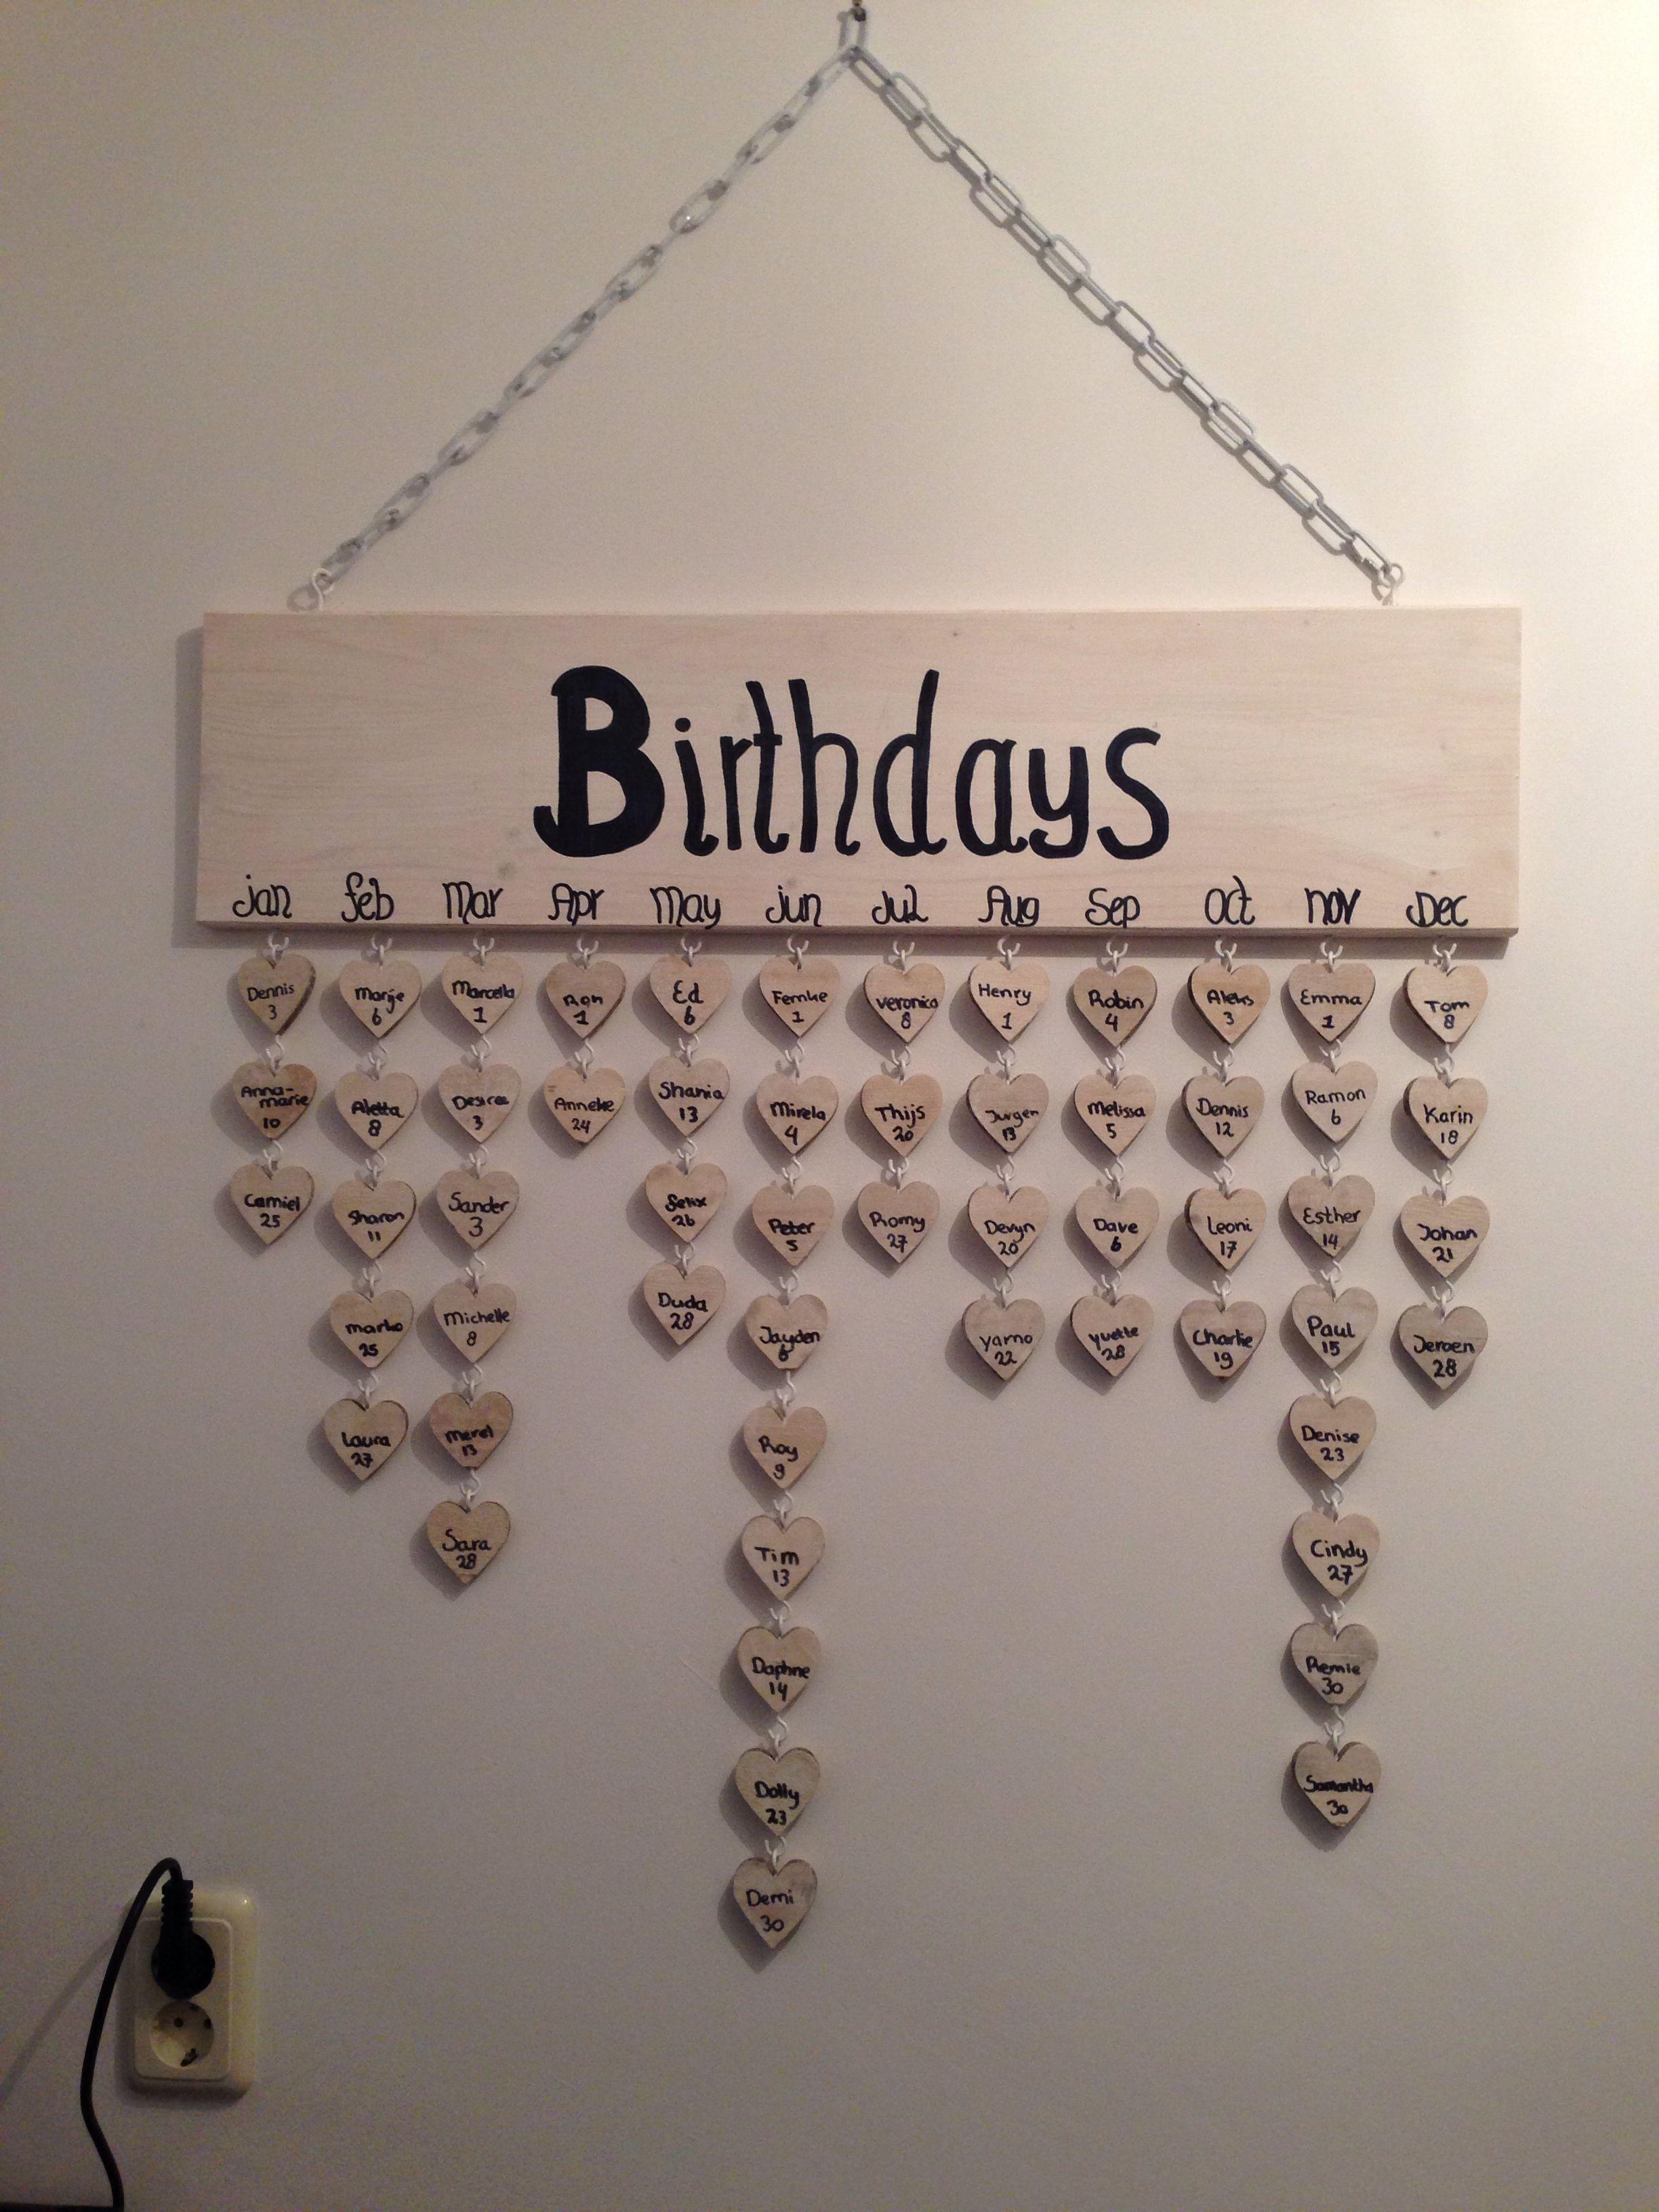 Wonderbaarlijk Happy met onze verjaardagskalender (met afbeeldingen) | Diy RS-06